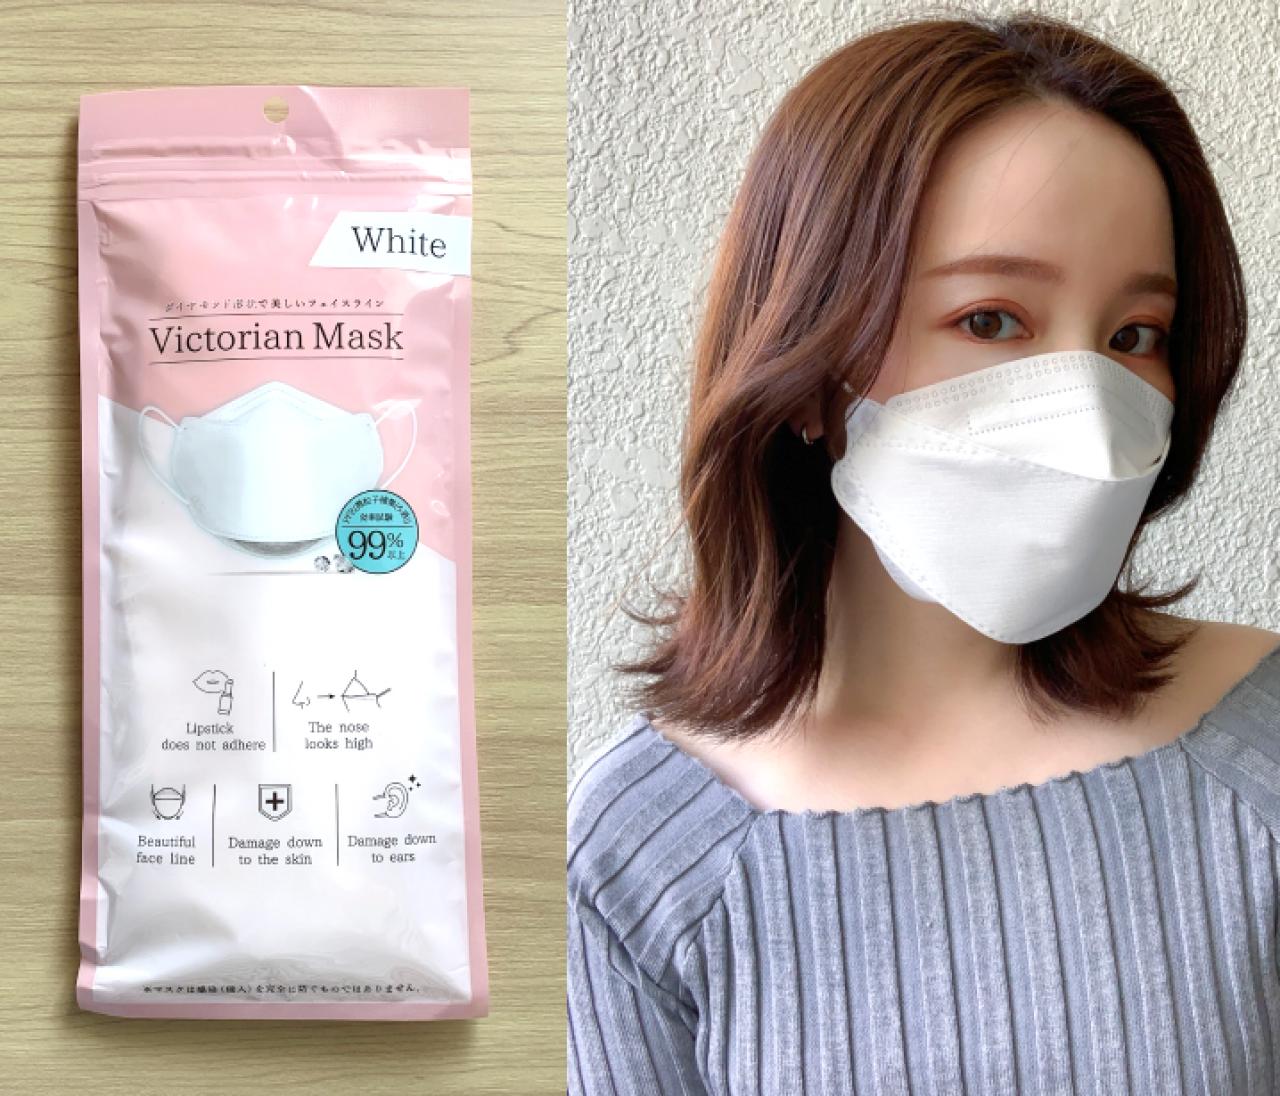 【おすすめマスク】フェイスラインにフィットする美マスク「Victorian Mask」って知ってる?